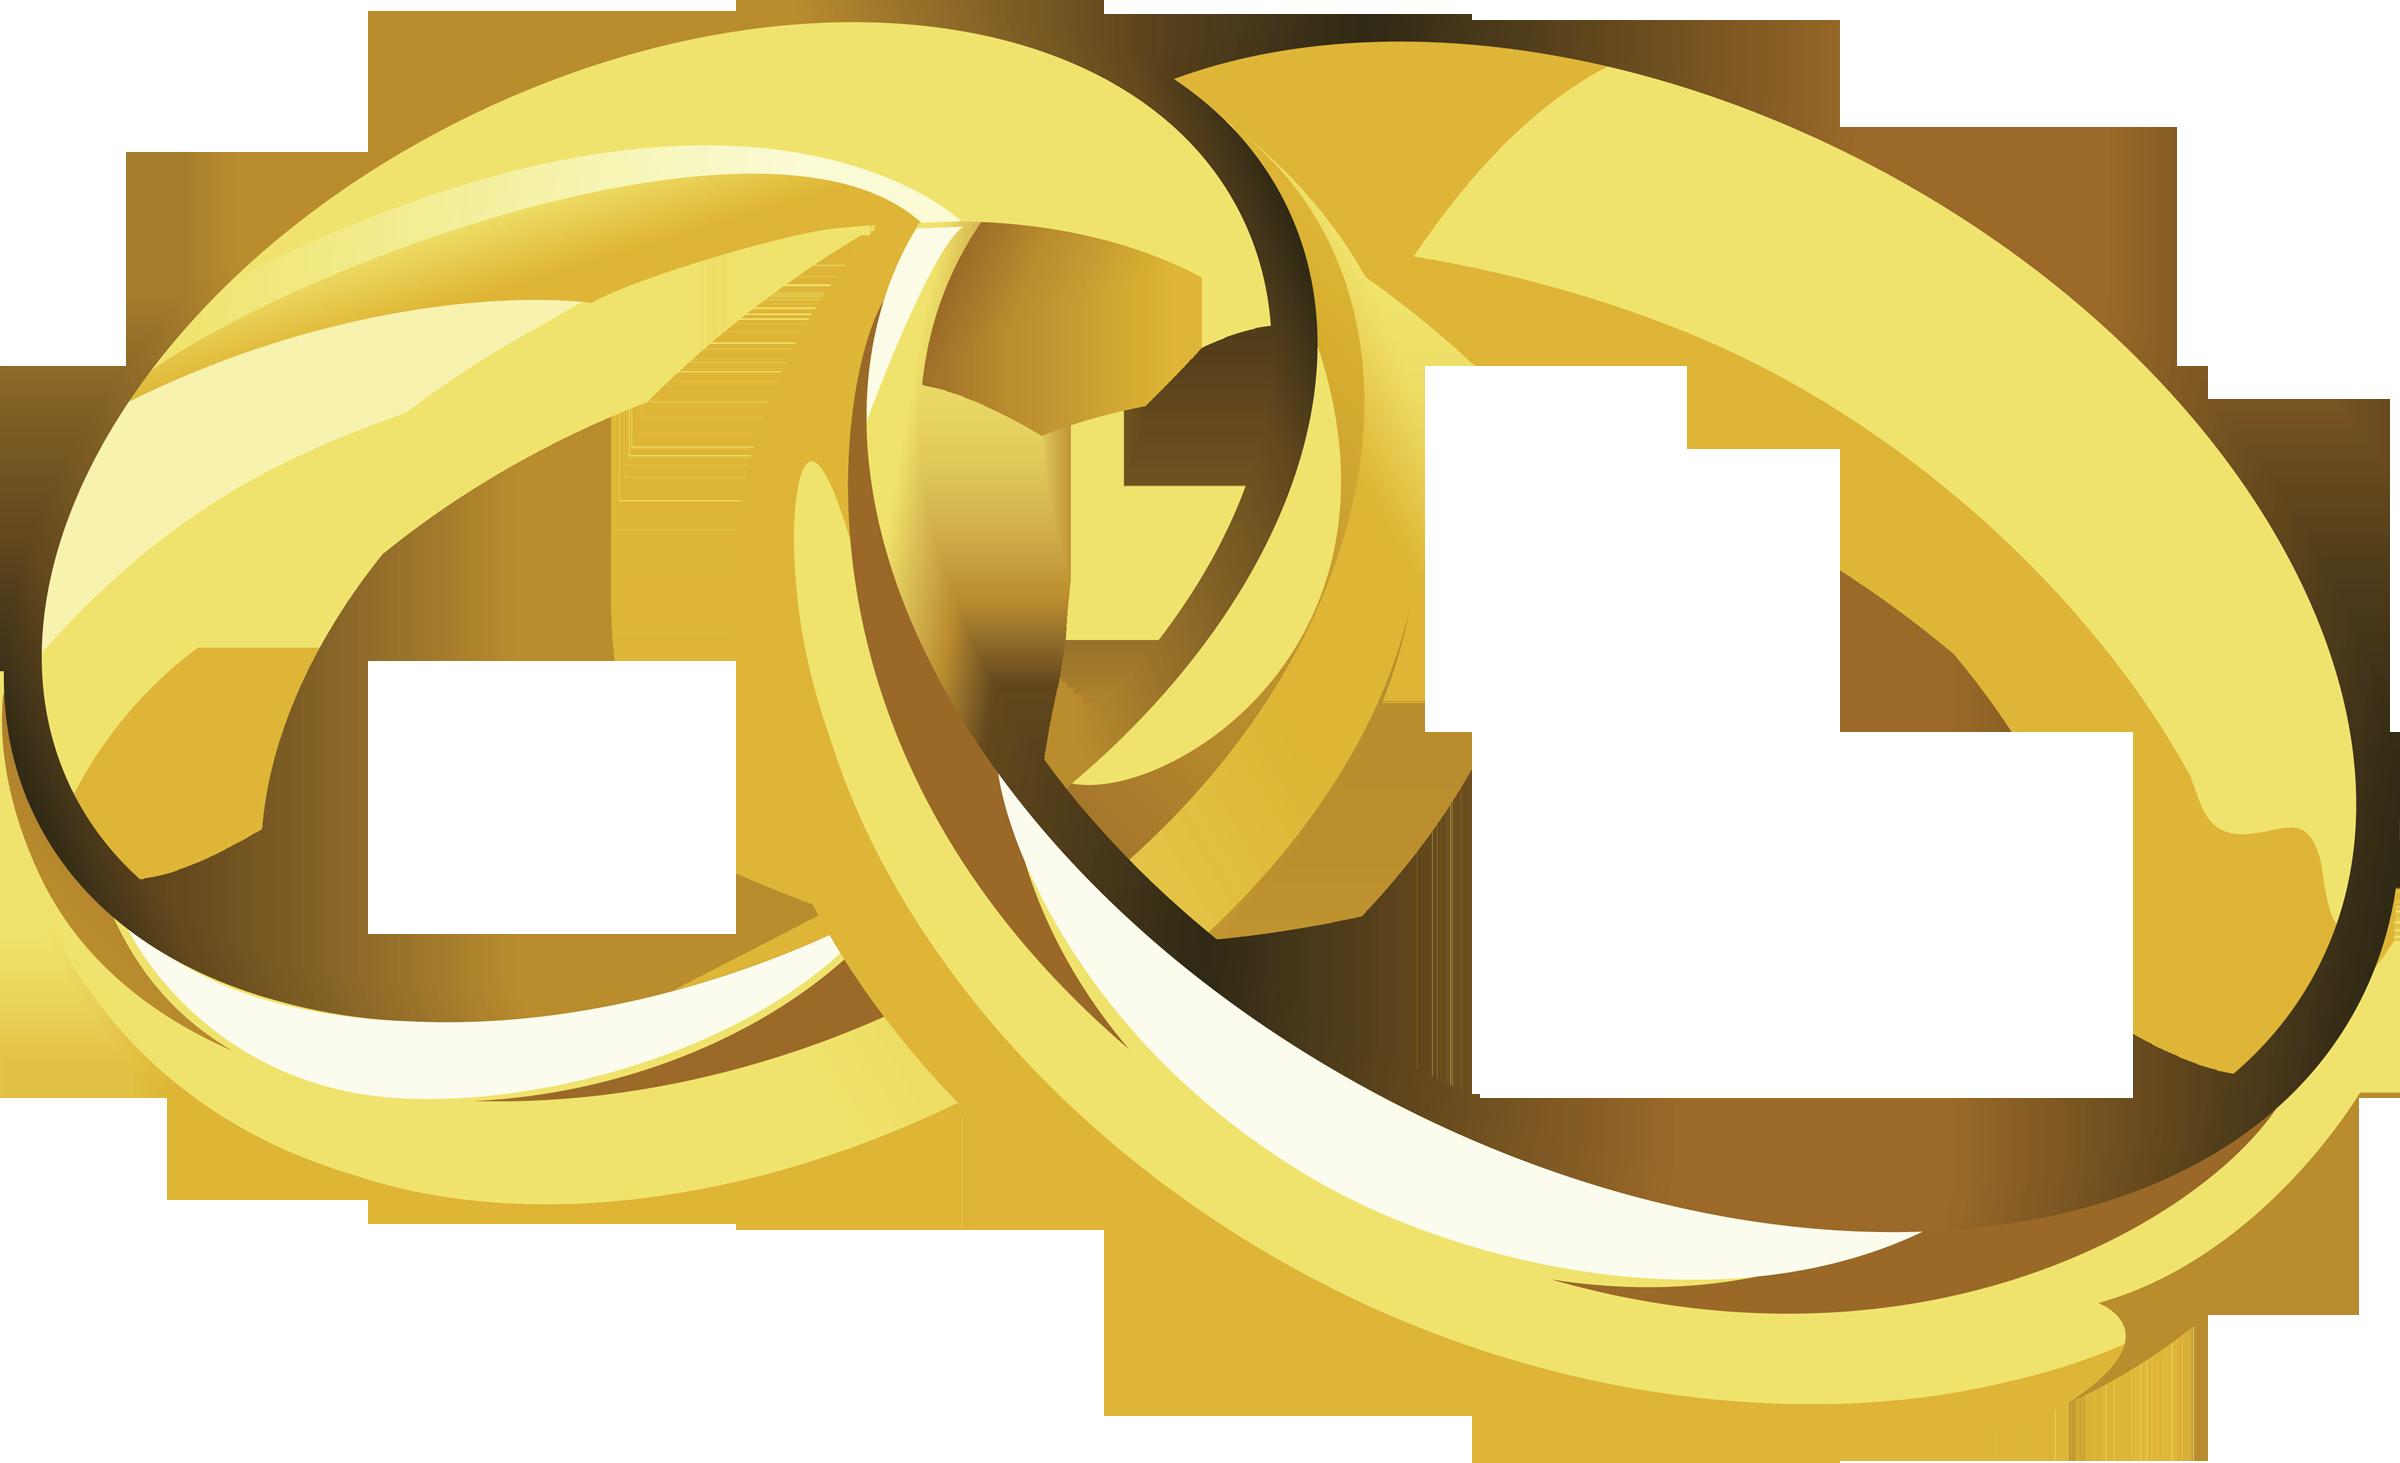 Wedding ring clipart tumundografico 4